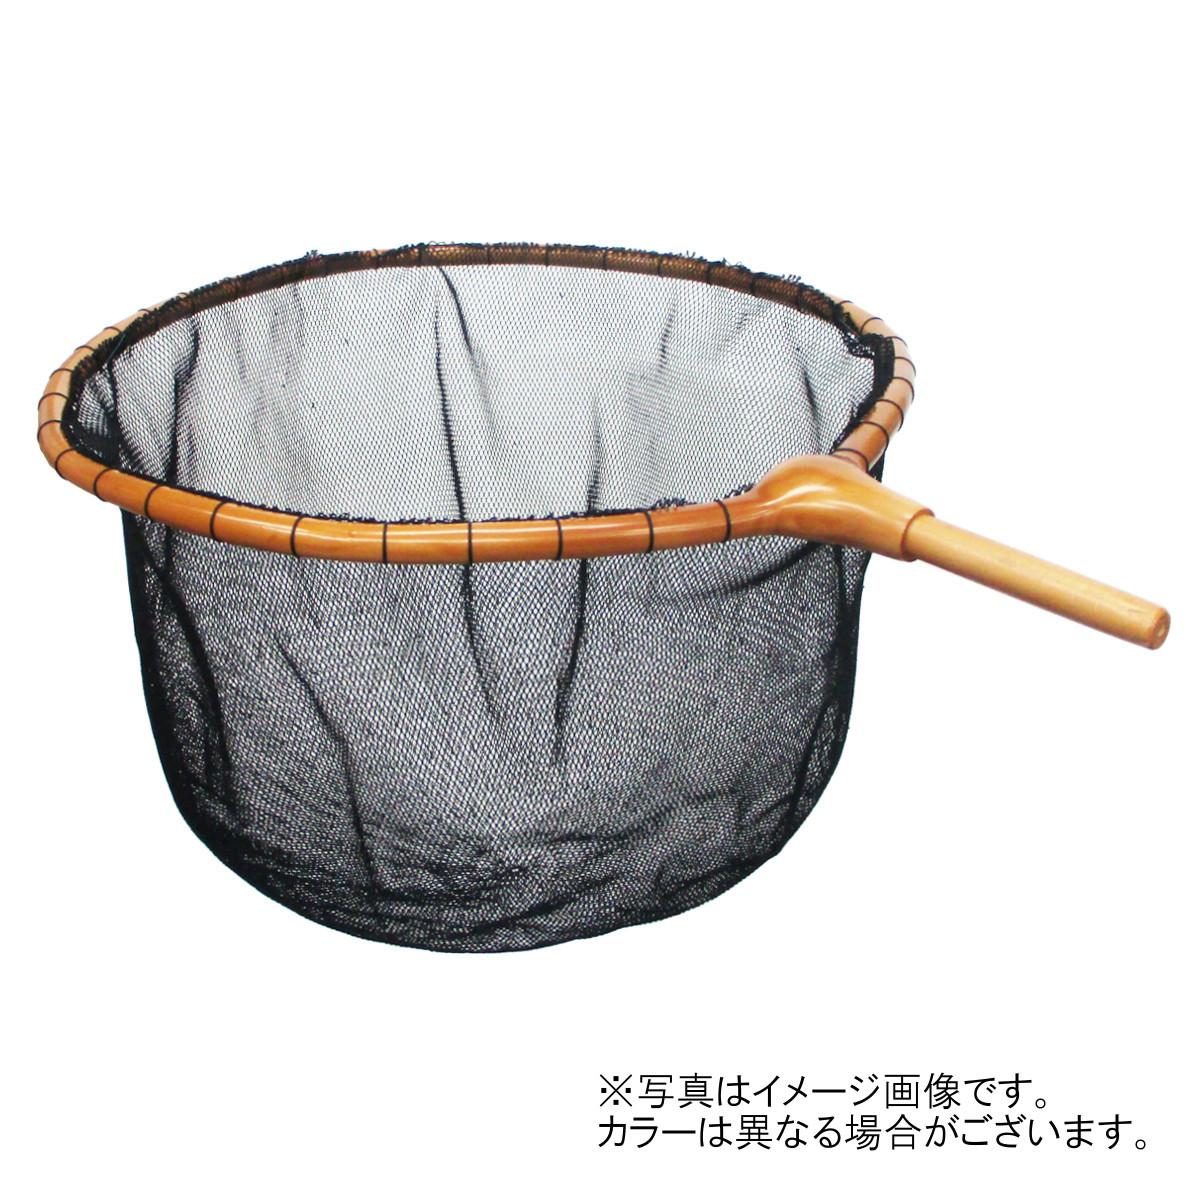 ダイシン 天然木もみ玉網 2.0mm 尺(30cm)(東日本店)